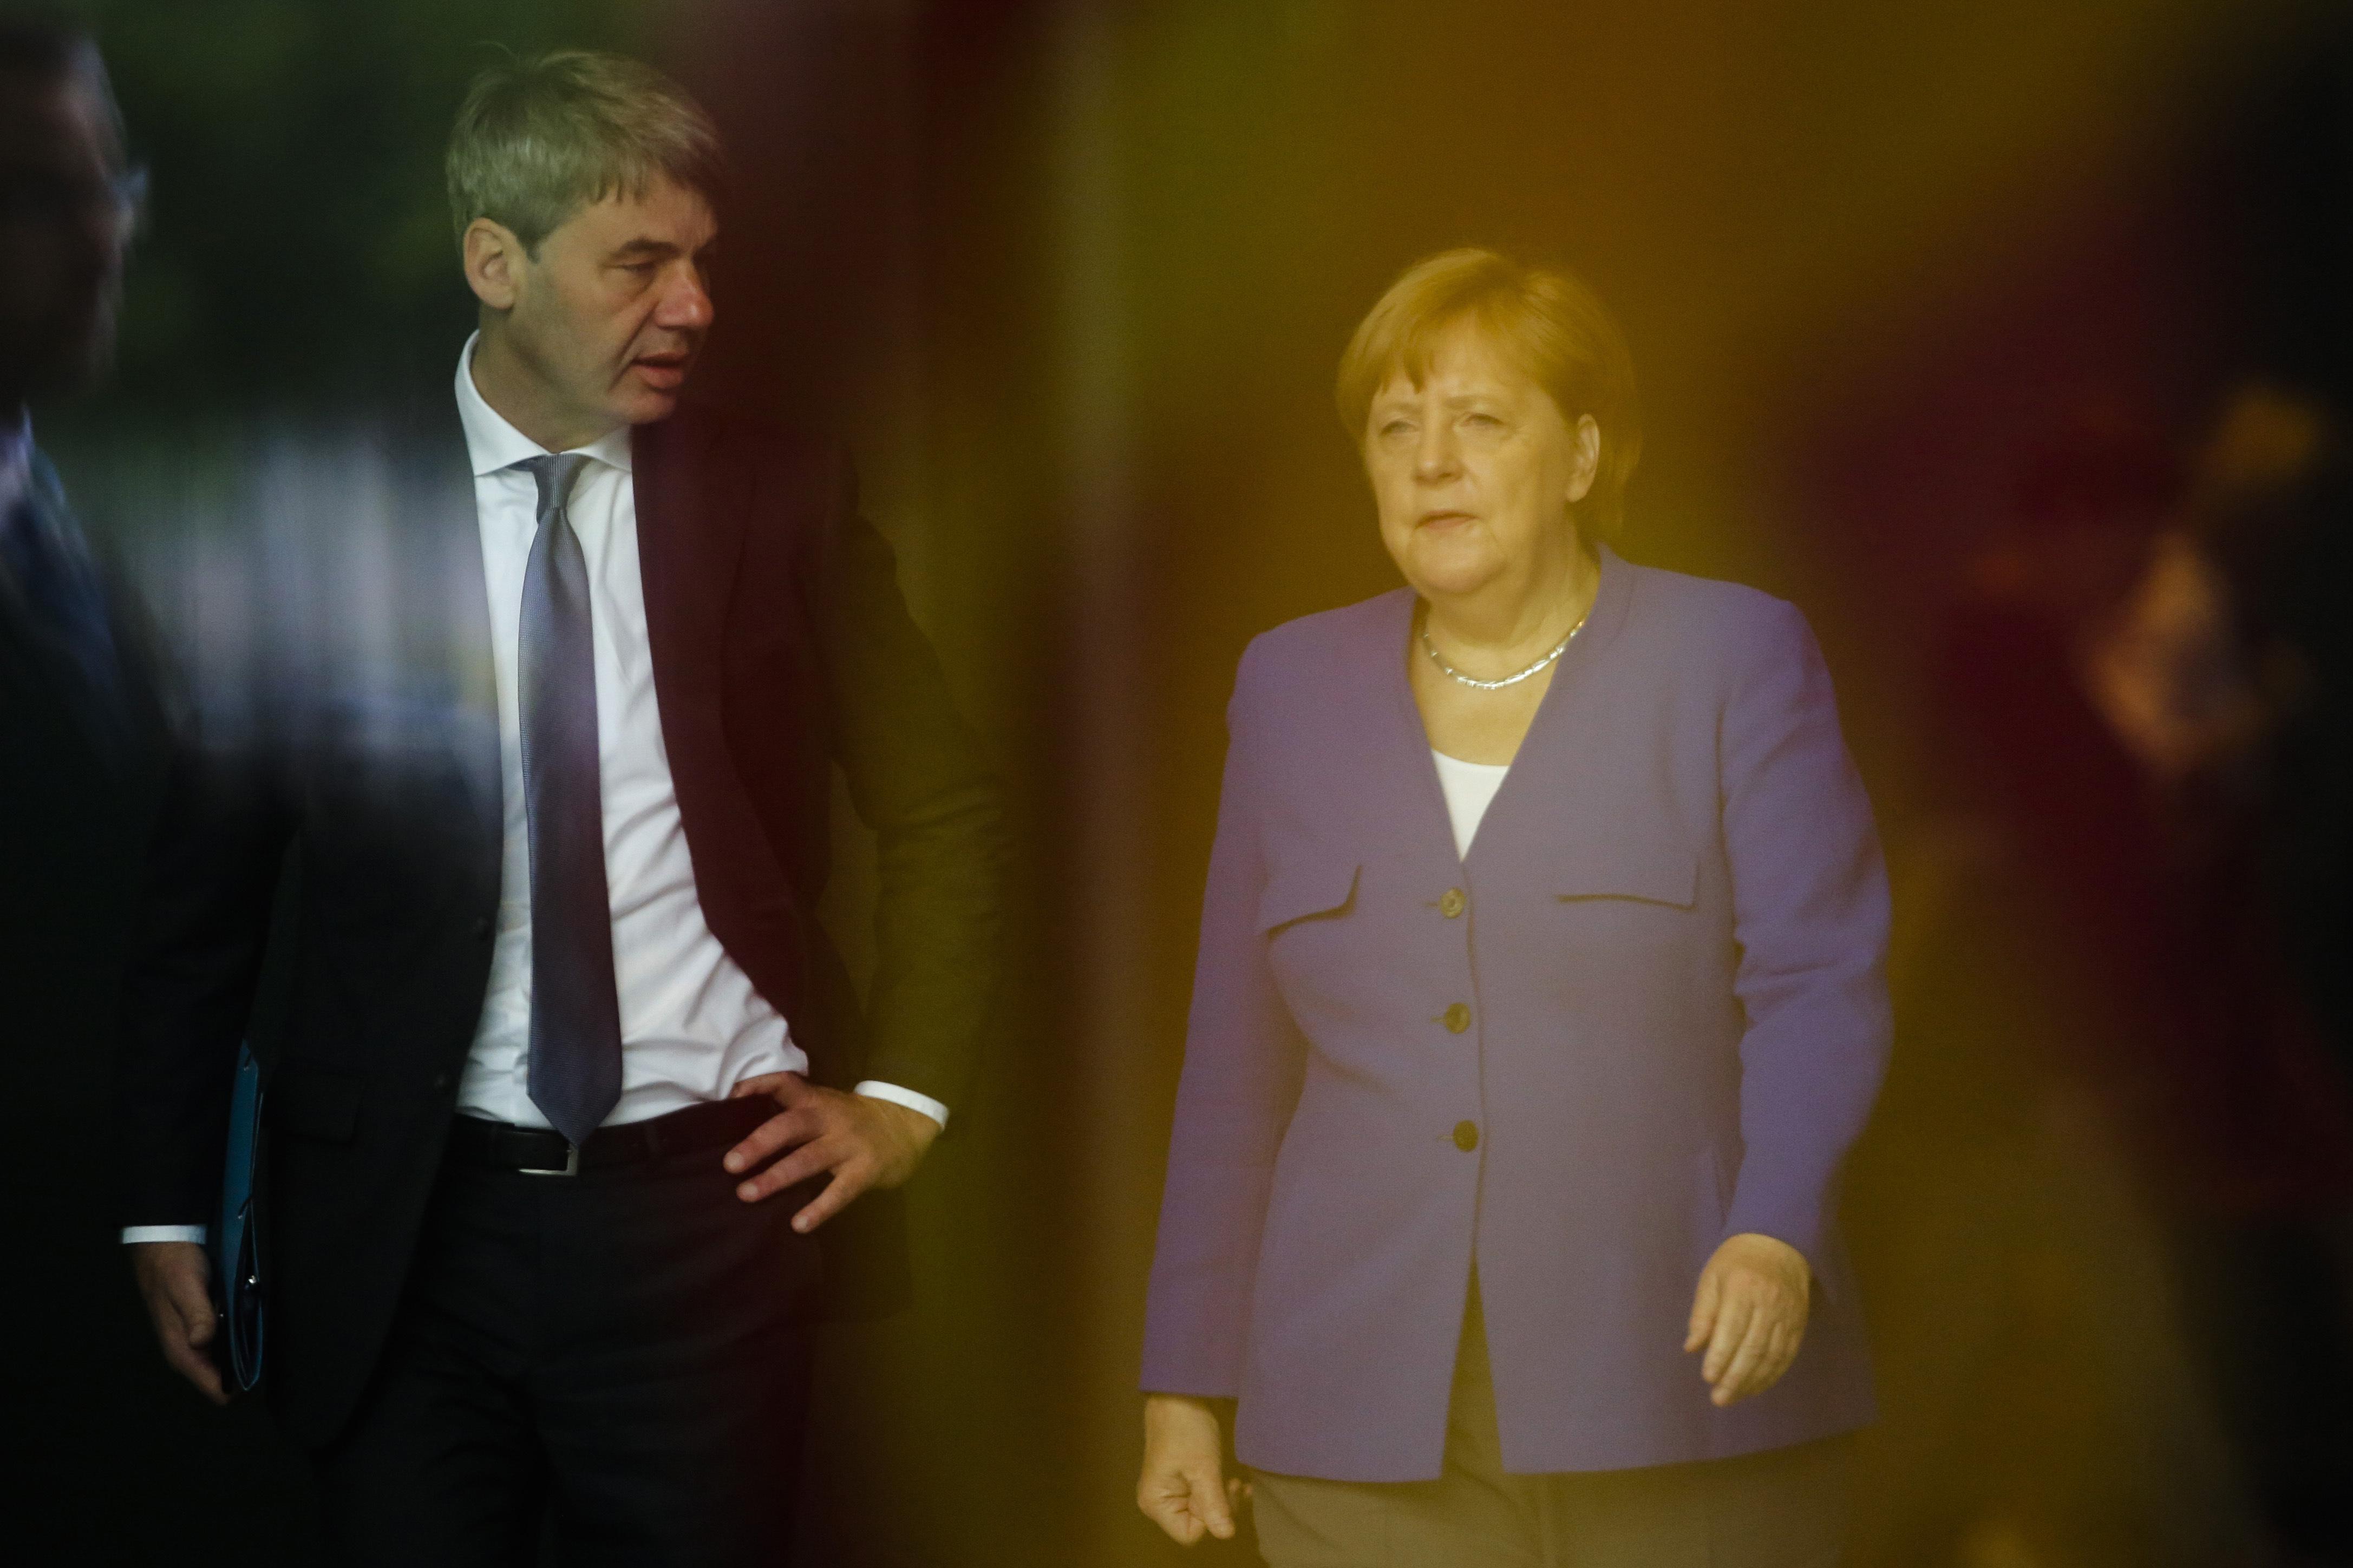 华信娱乐官网上任仅两周的德国驻华大使突然离世,生前深受默克尔倚重